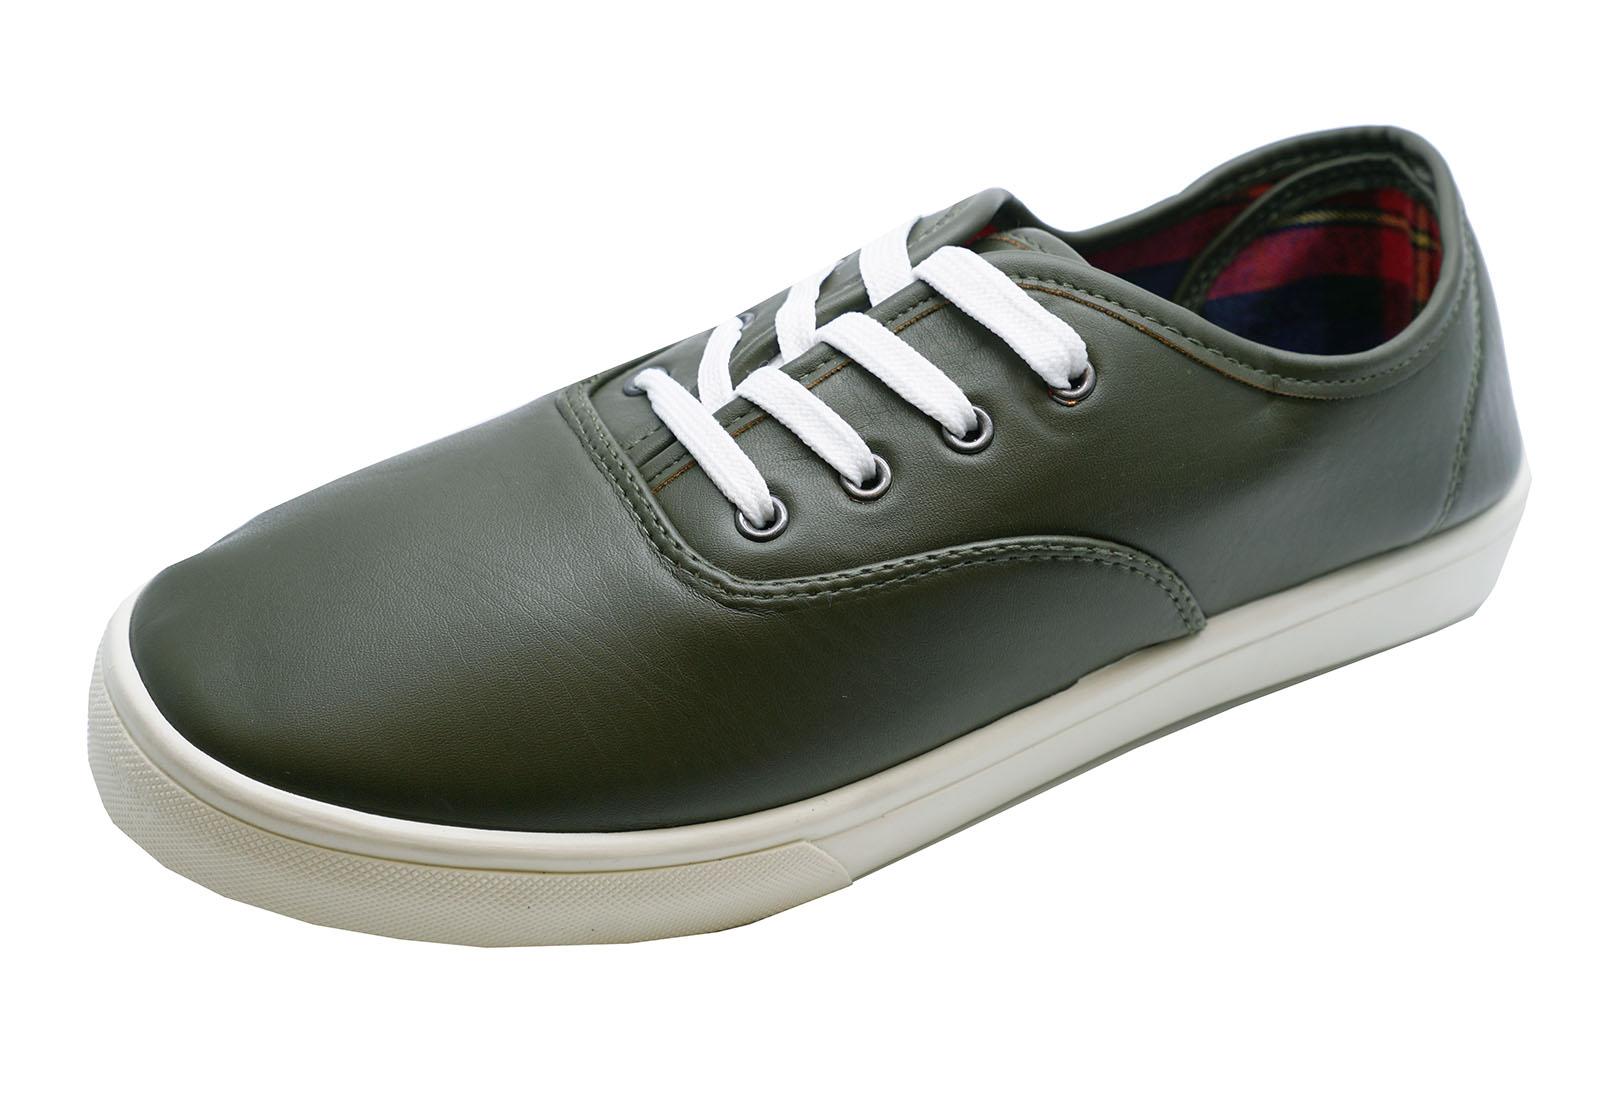 Mens Caqui Con Cordones Plana Informal Cómodos Zapatos DE SKATER Playera bombas Deck UK 6-11